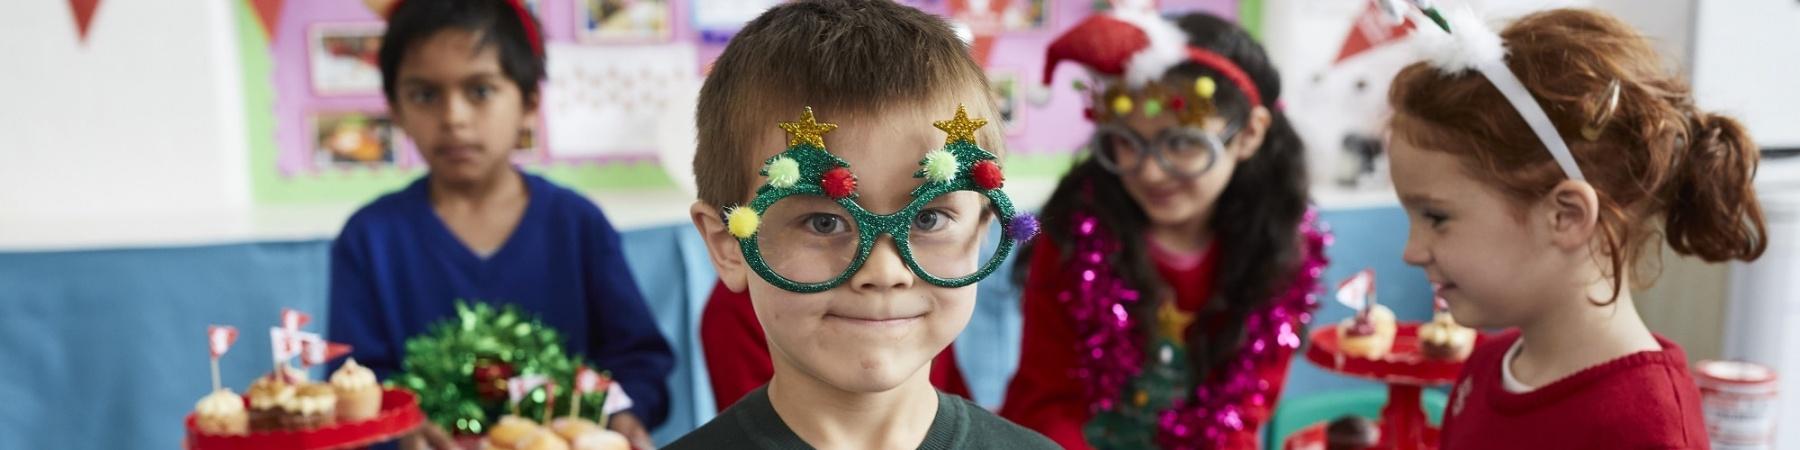 4 bambini vestiti per il Christmas Jumper Day a scuola